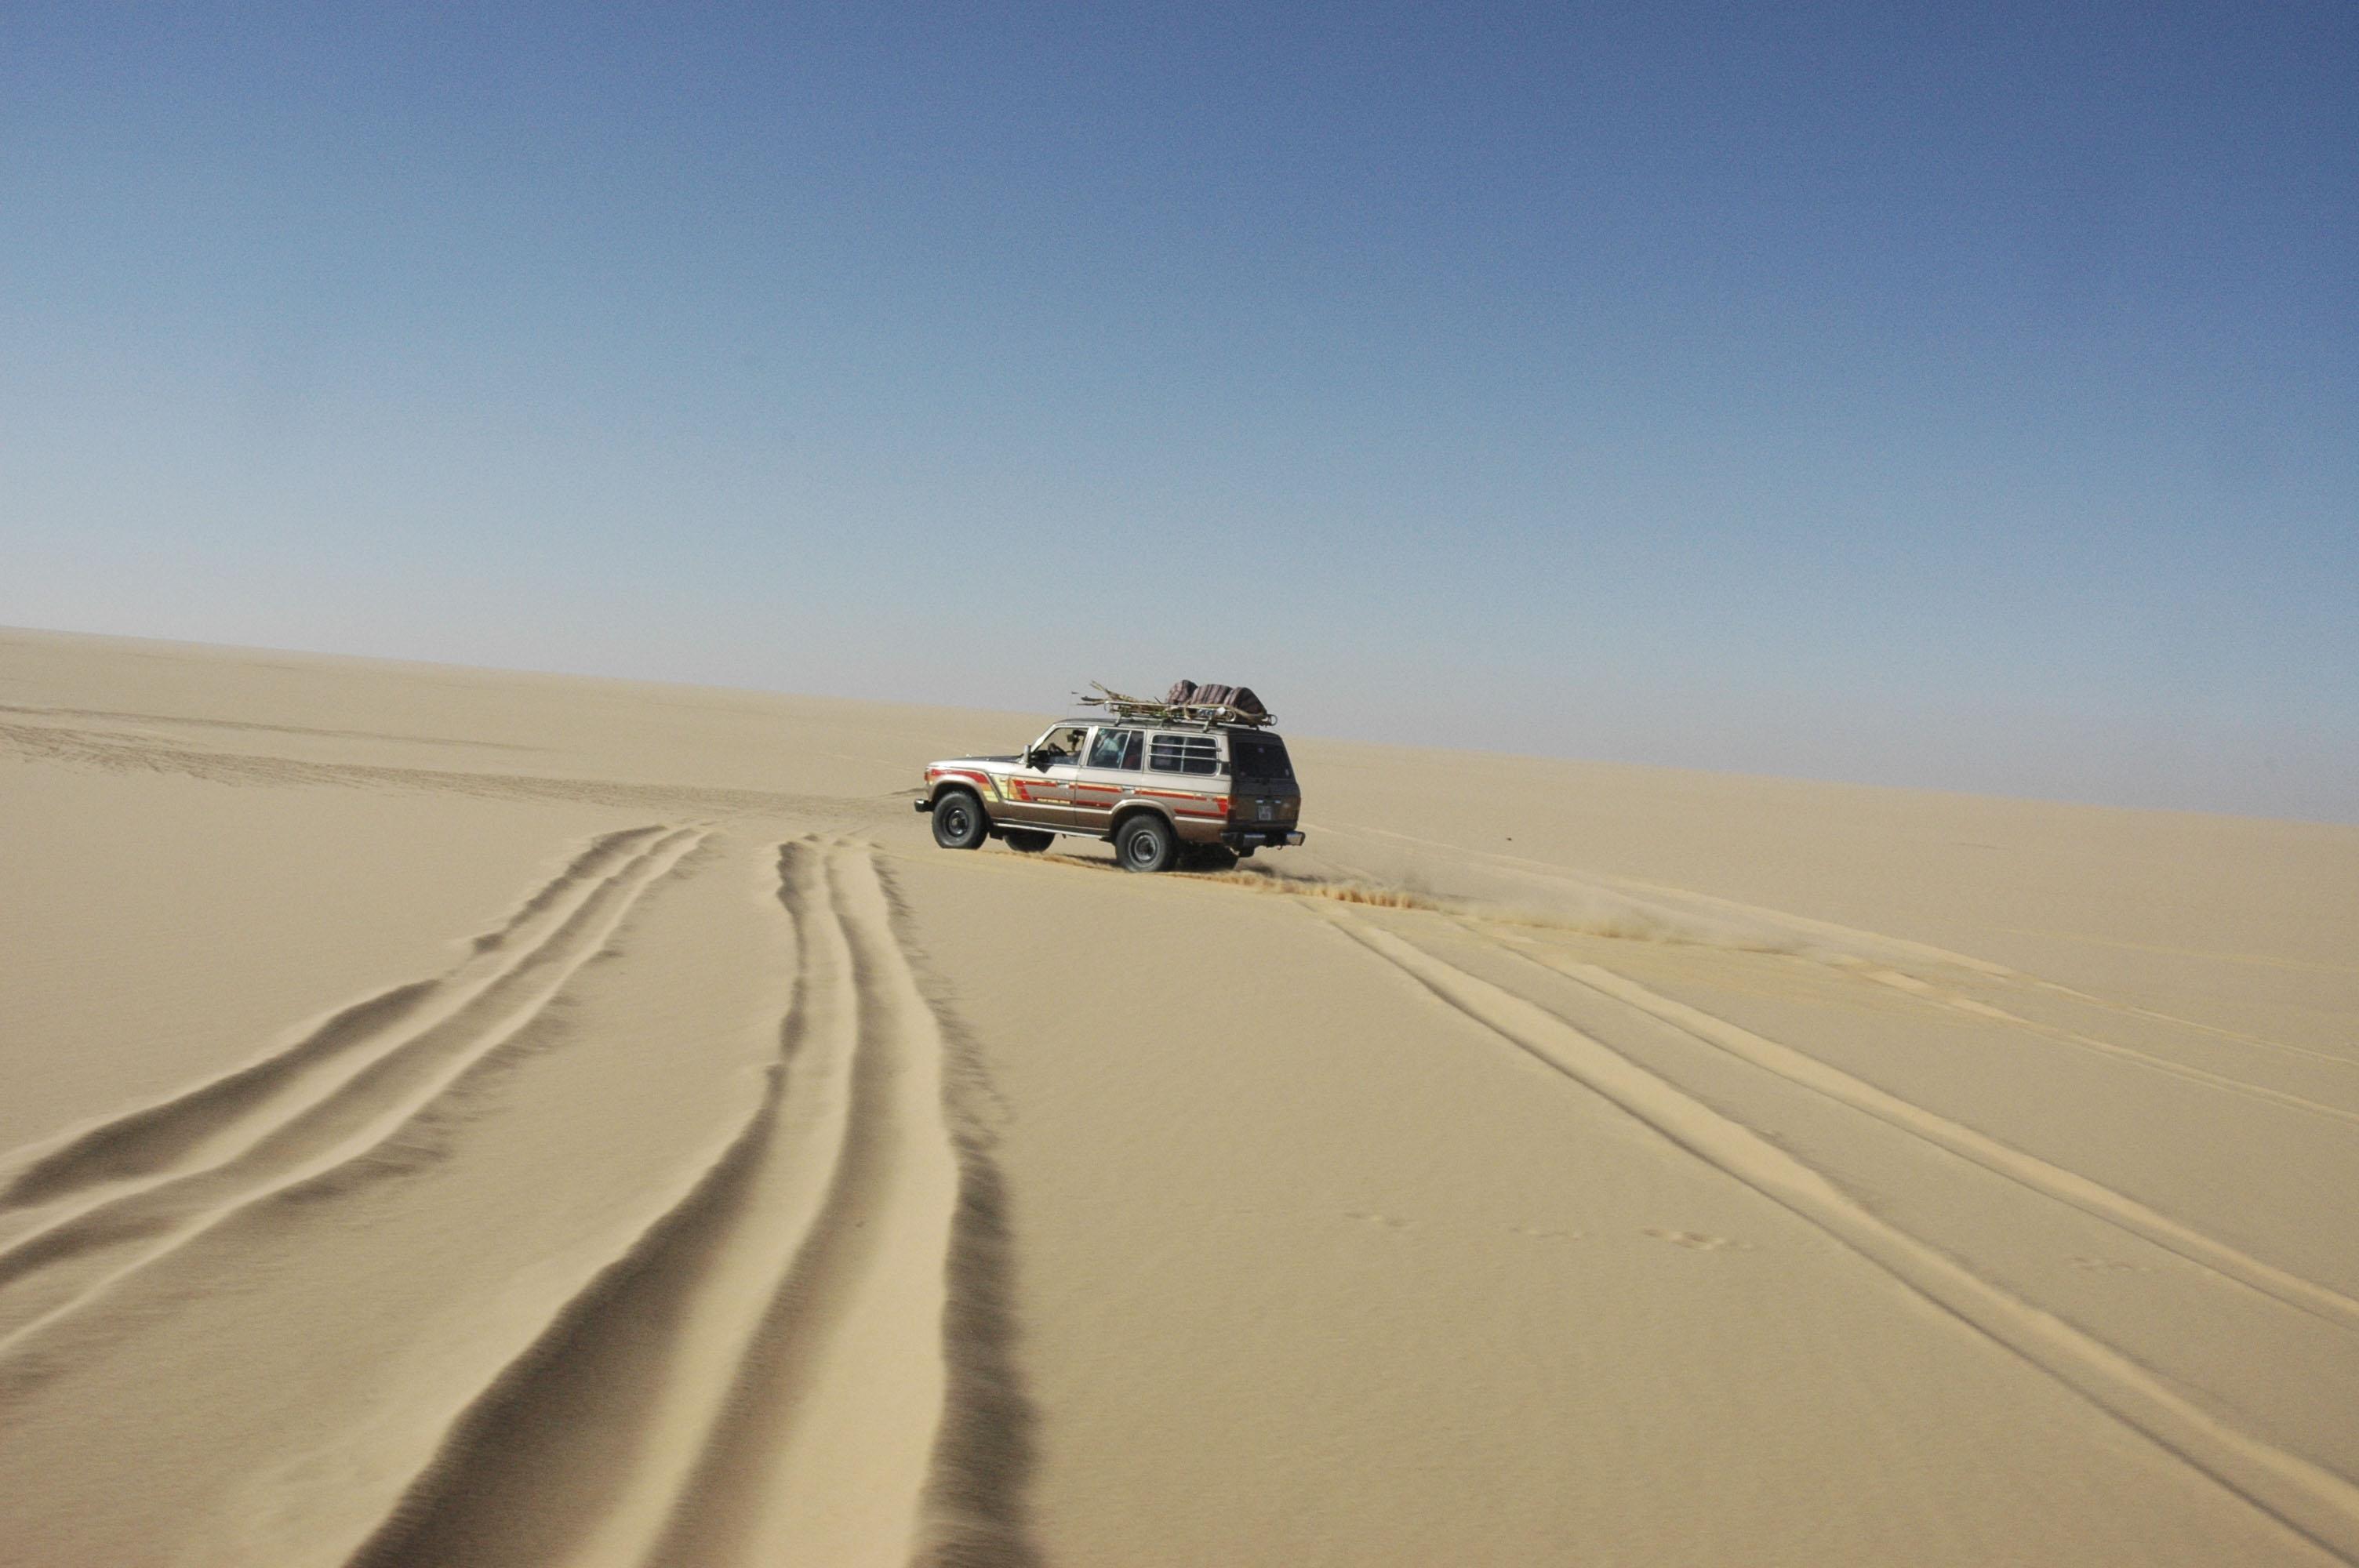 Libia, sahara, 2006